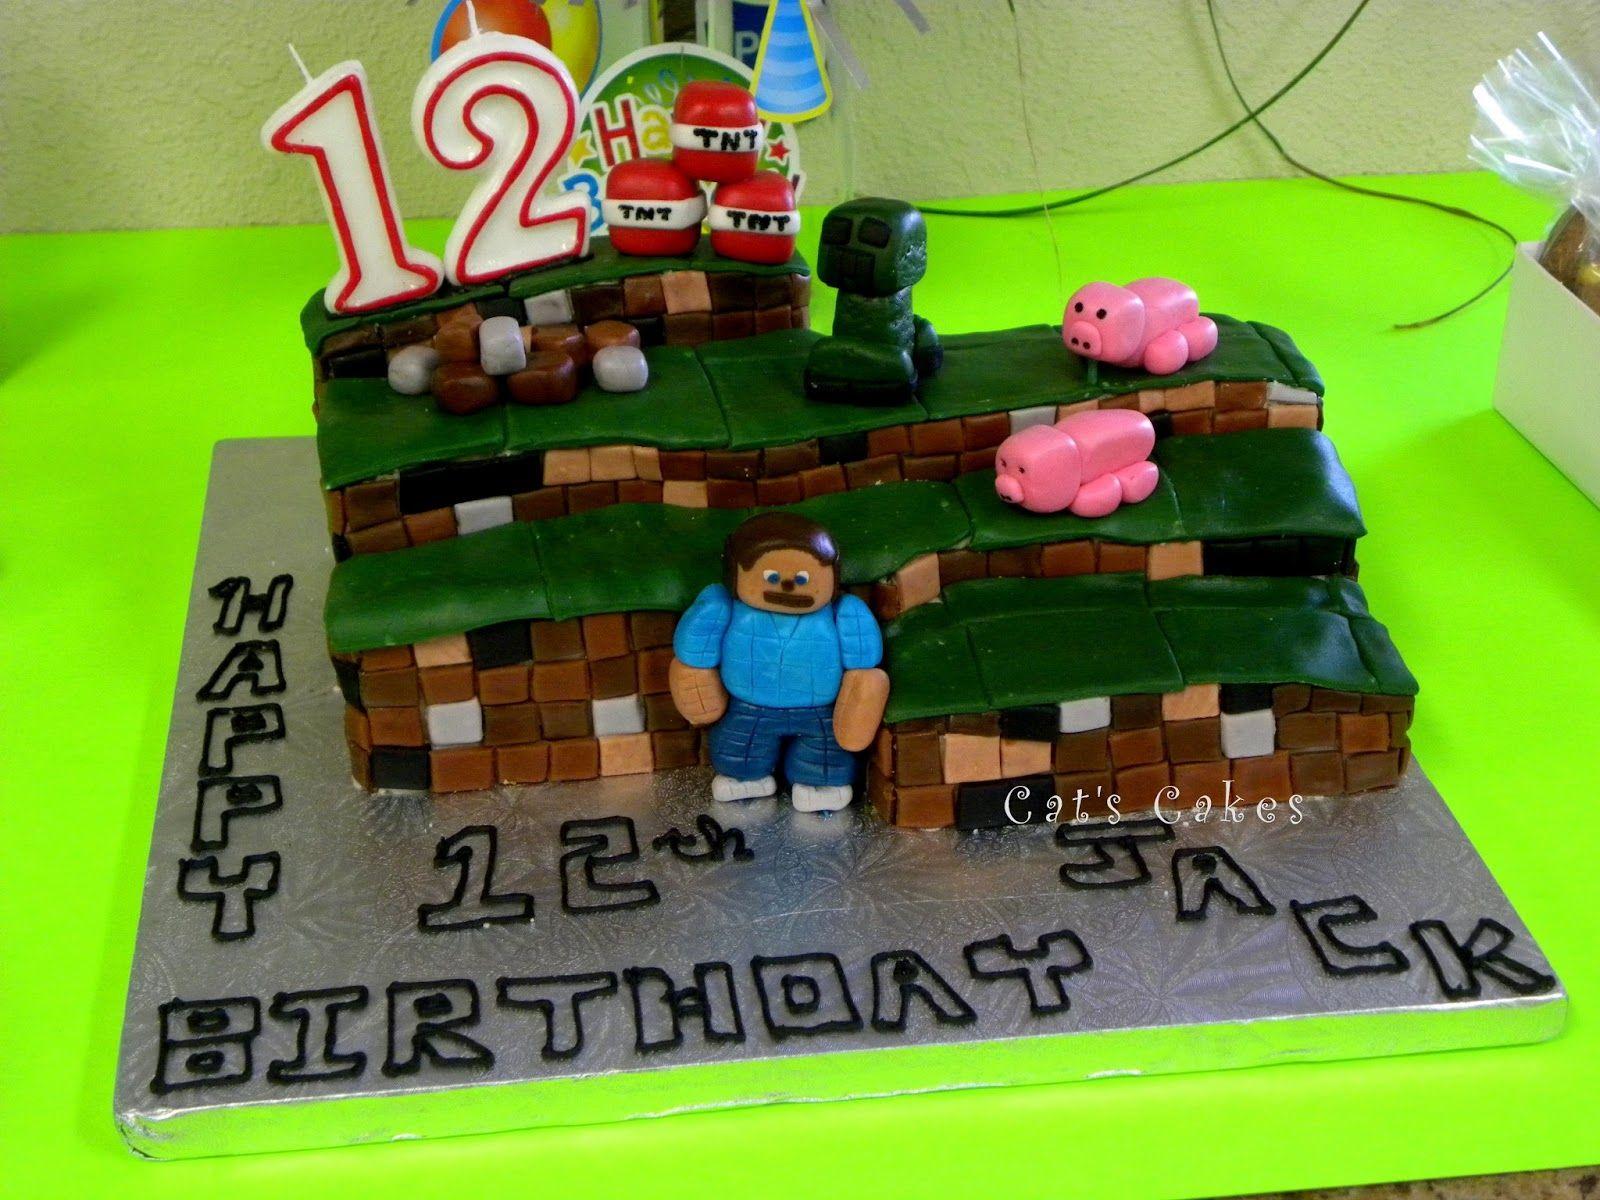 Anniversary cake cat cake minecraft birthday cake cake